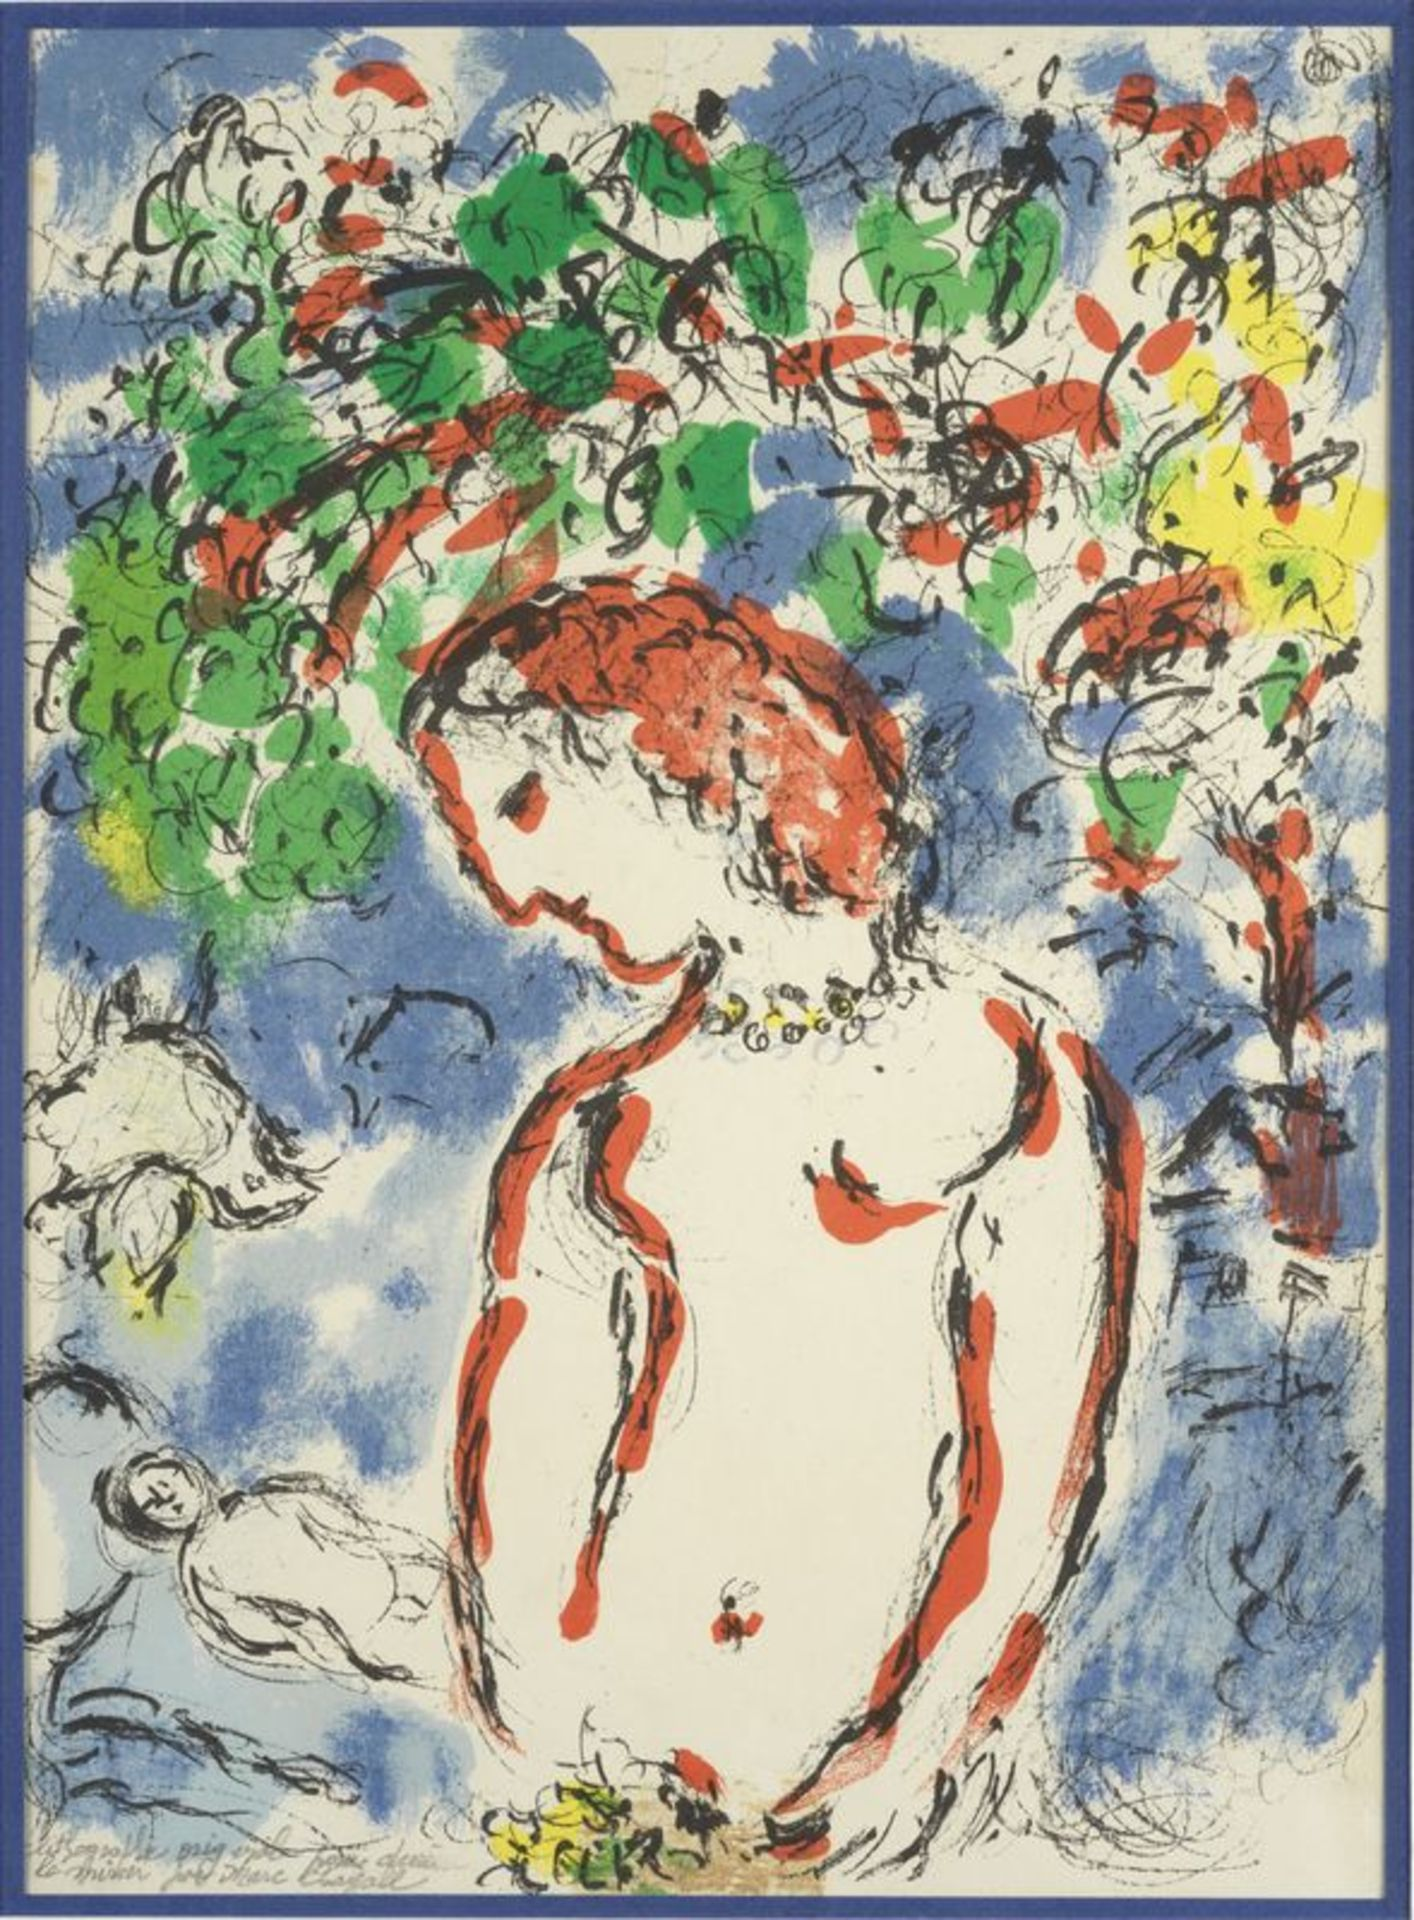 Los 25 - Marc CHAGALL( 1887-1985) - Printemps - Lithographie originale Derrière le Miroir, [...]